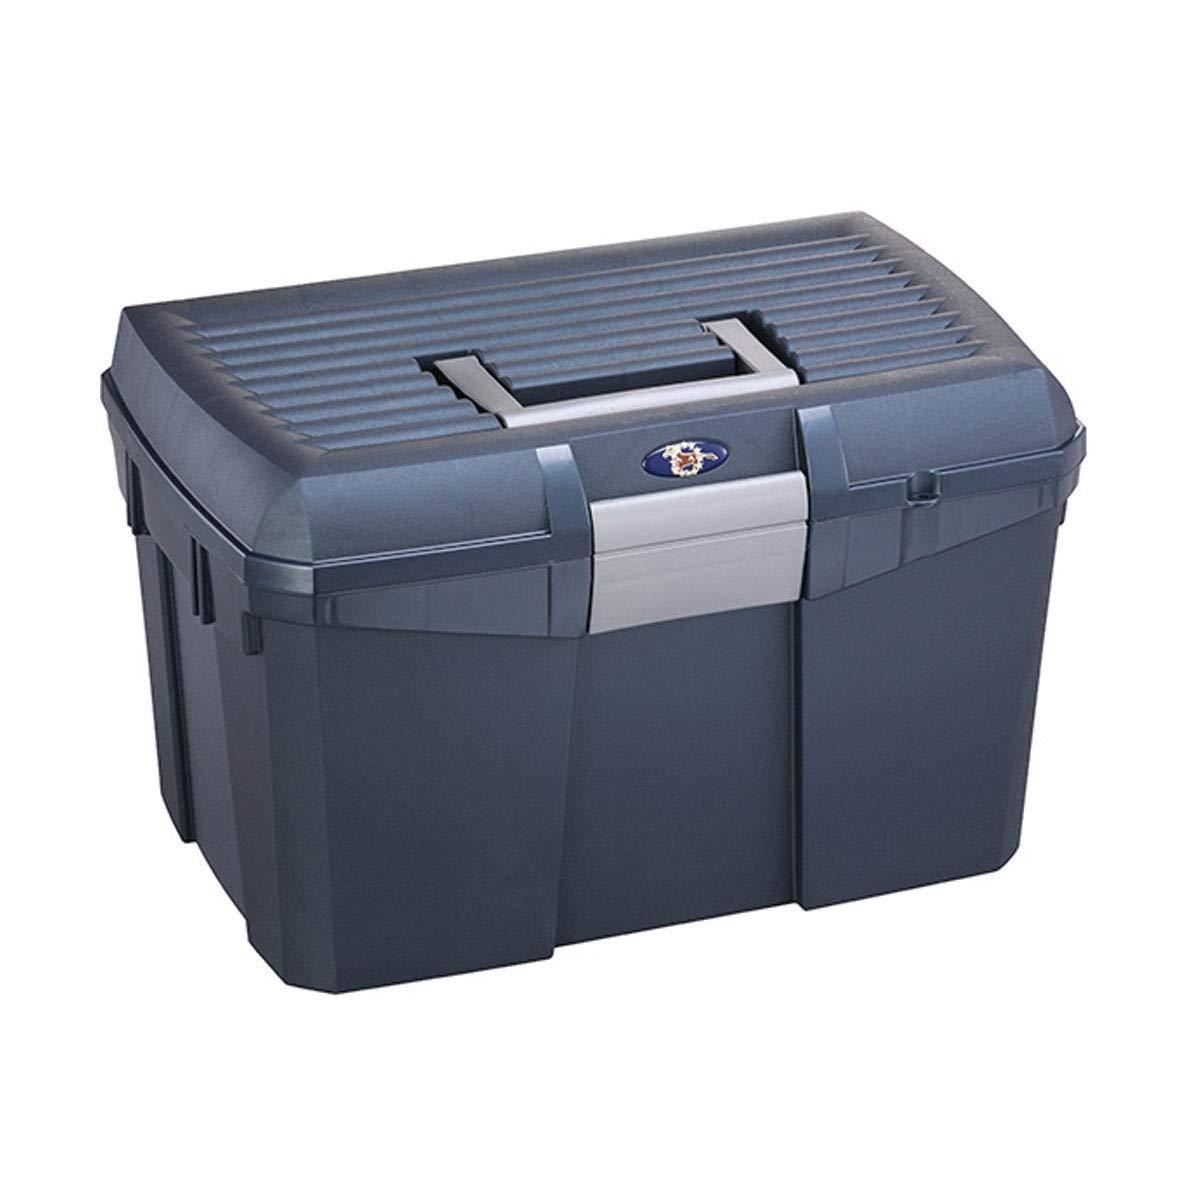 Plastica Panaro Tack Box (L) (Midnight Blue)